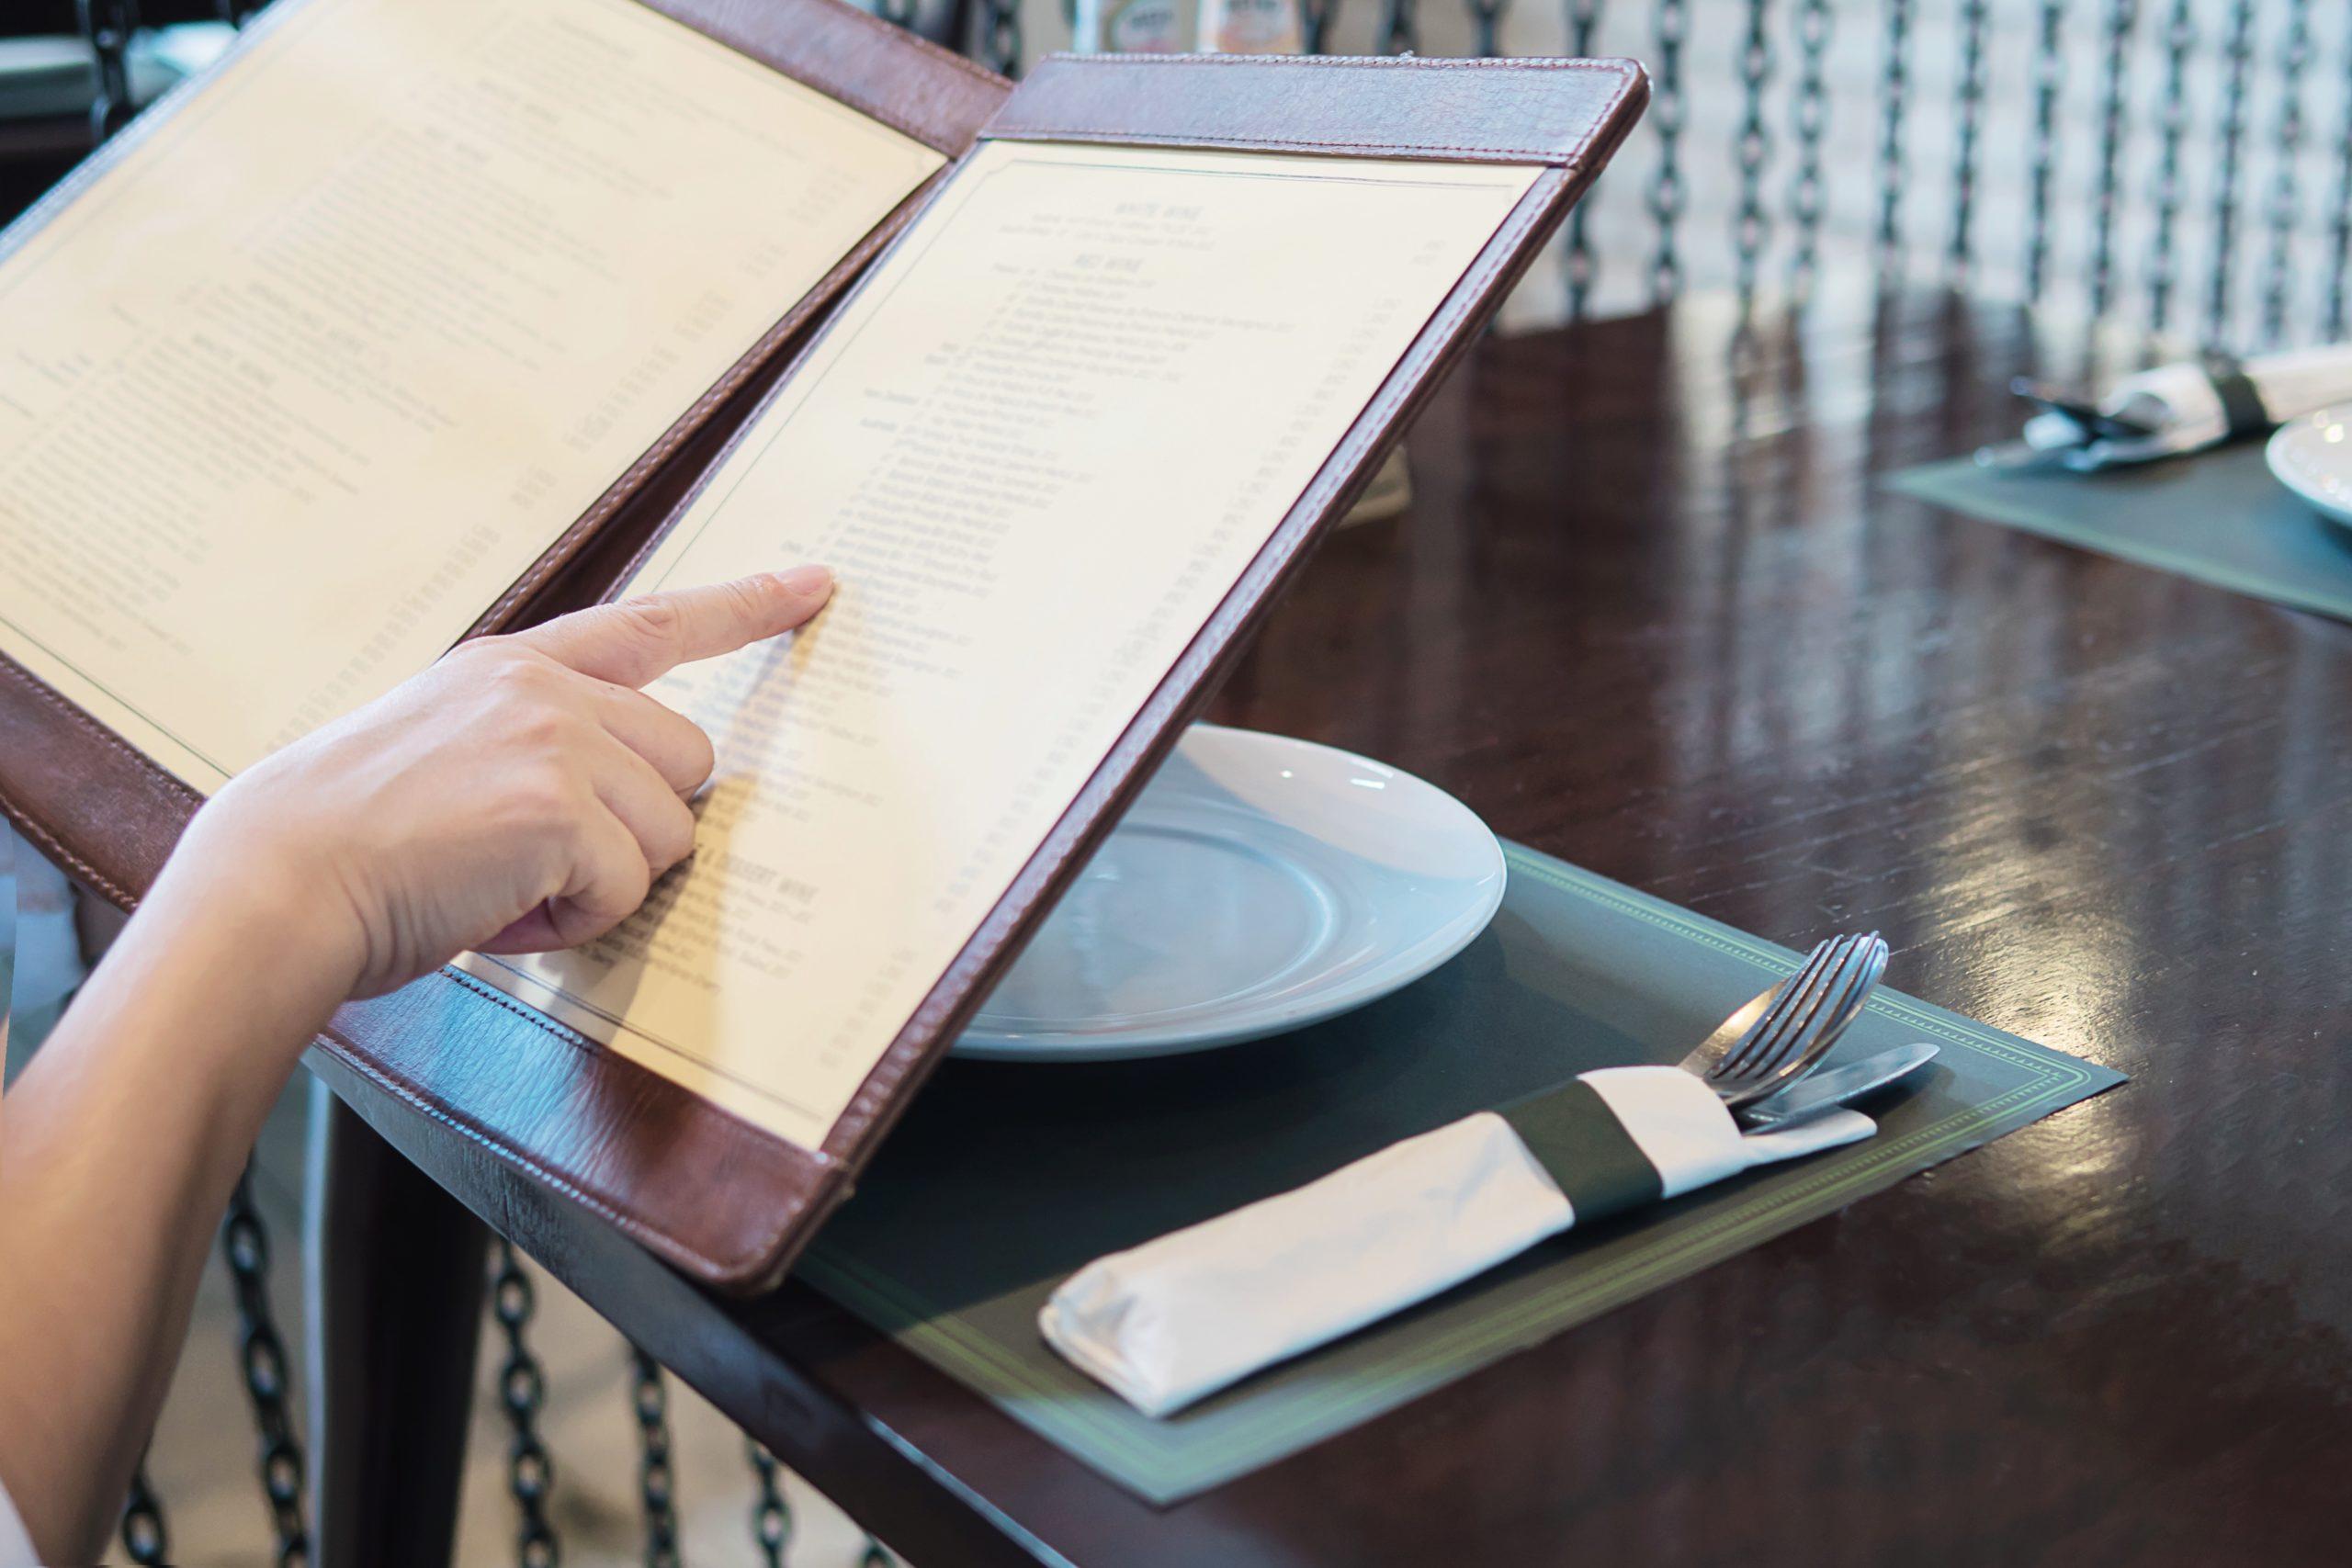 How do I renew my restaurant's menu?